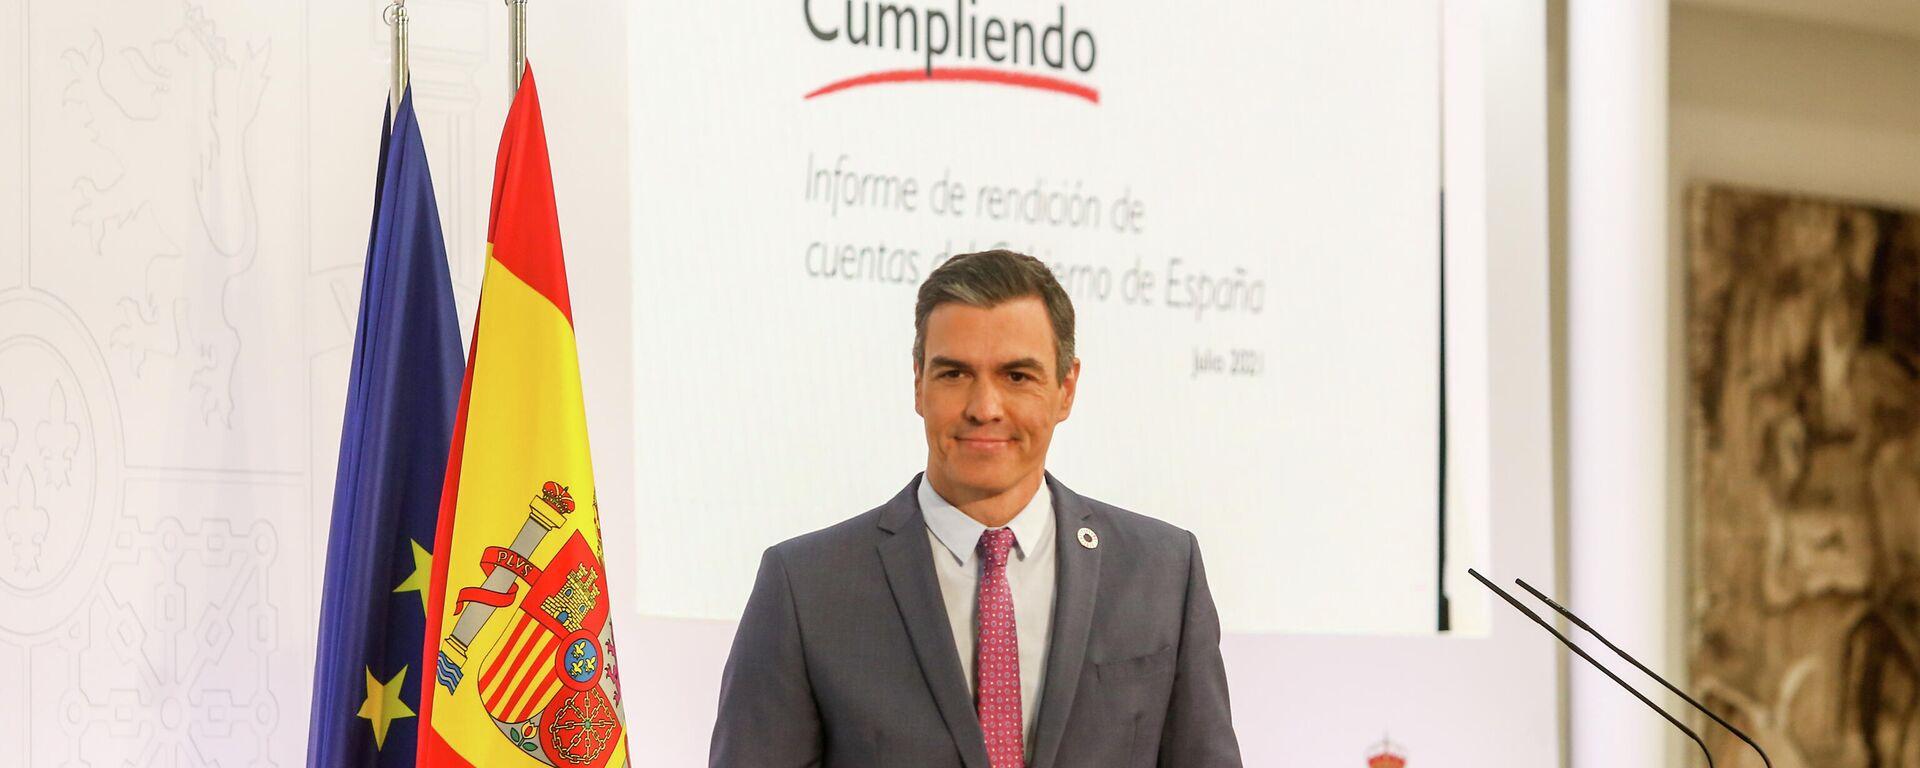 El presidente del Gobierno, Pedro Sánchez, posa con el 'Informe de rendición de cuentas del Gobierno de España' durante una rueda de prensa - Sputnik Mundo, 1920, 05.09.2021